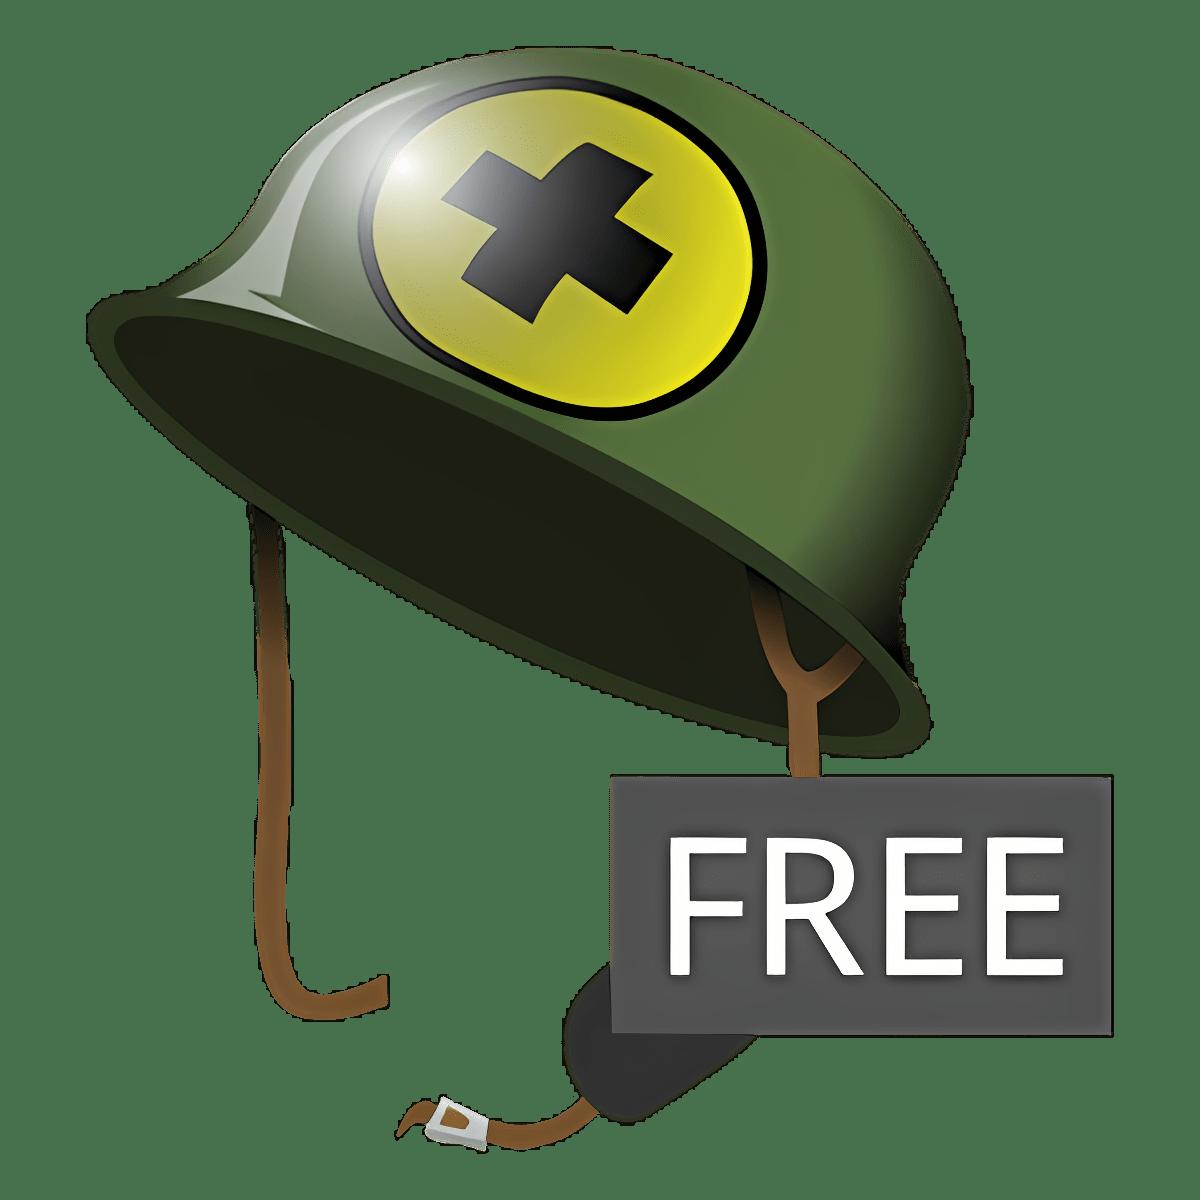 VIRUSfighter Antivirus FREE